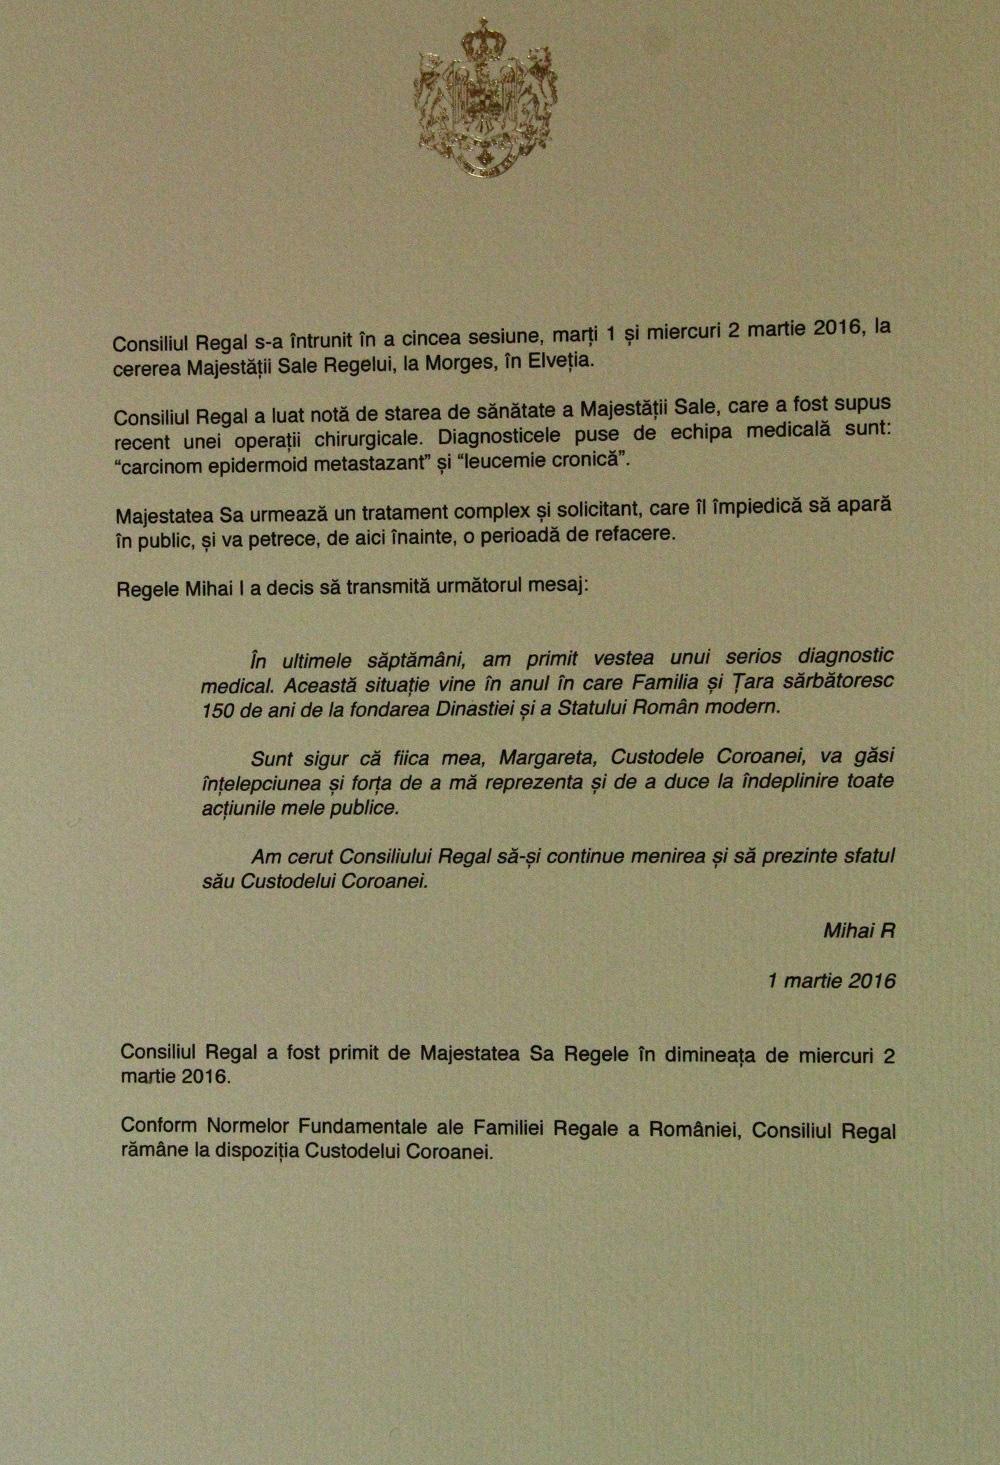 Declaratie-Consiliul-Regal-2martie2016-A-1